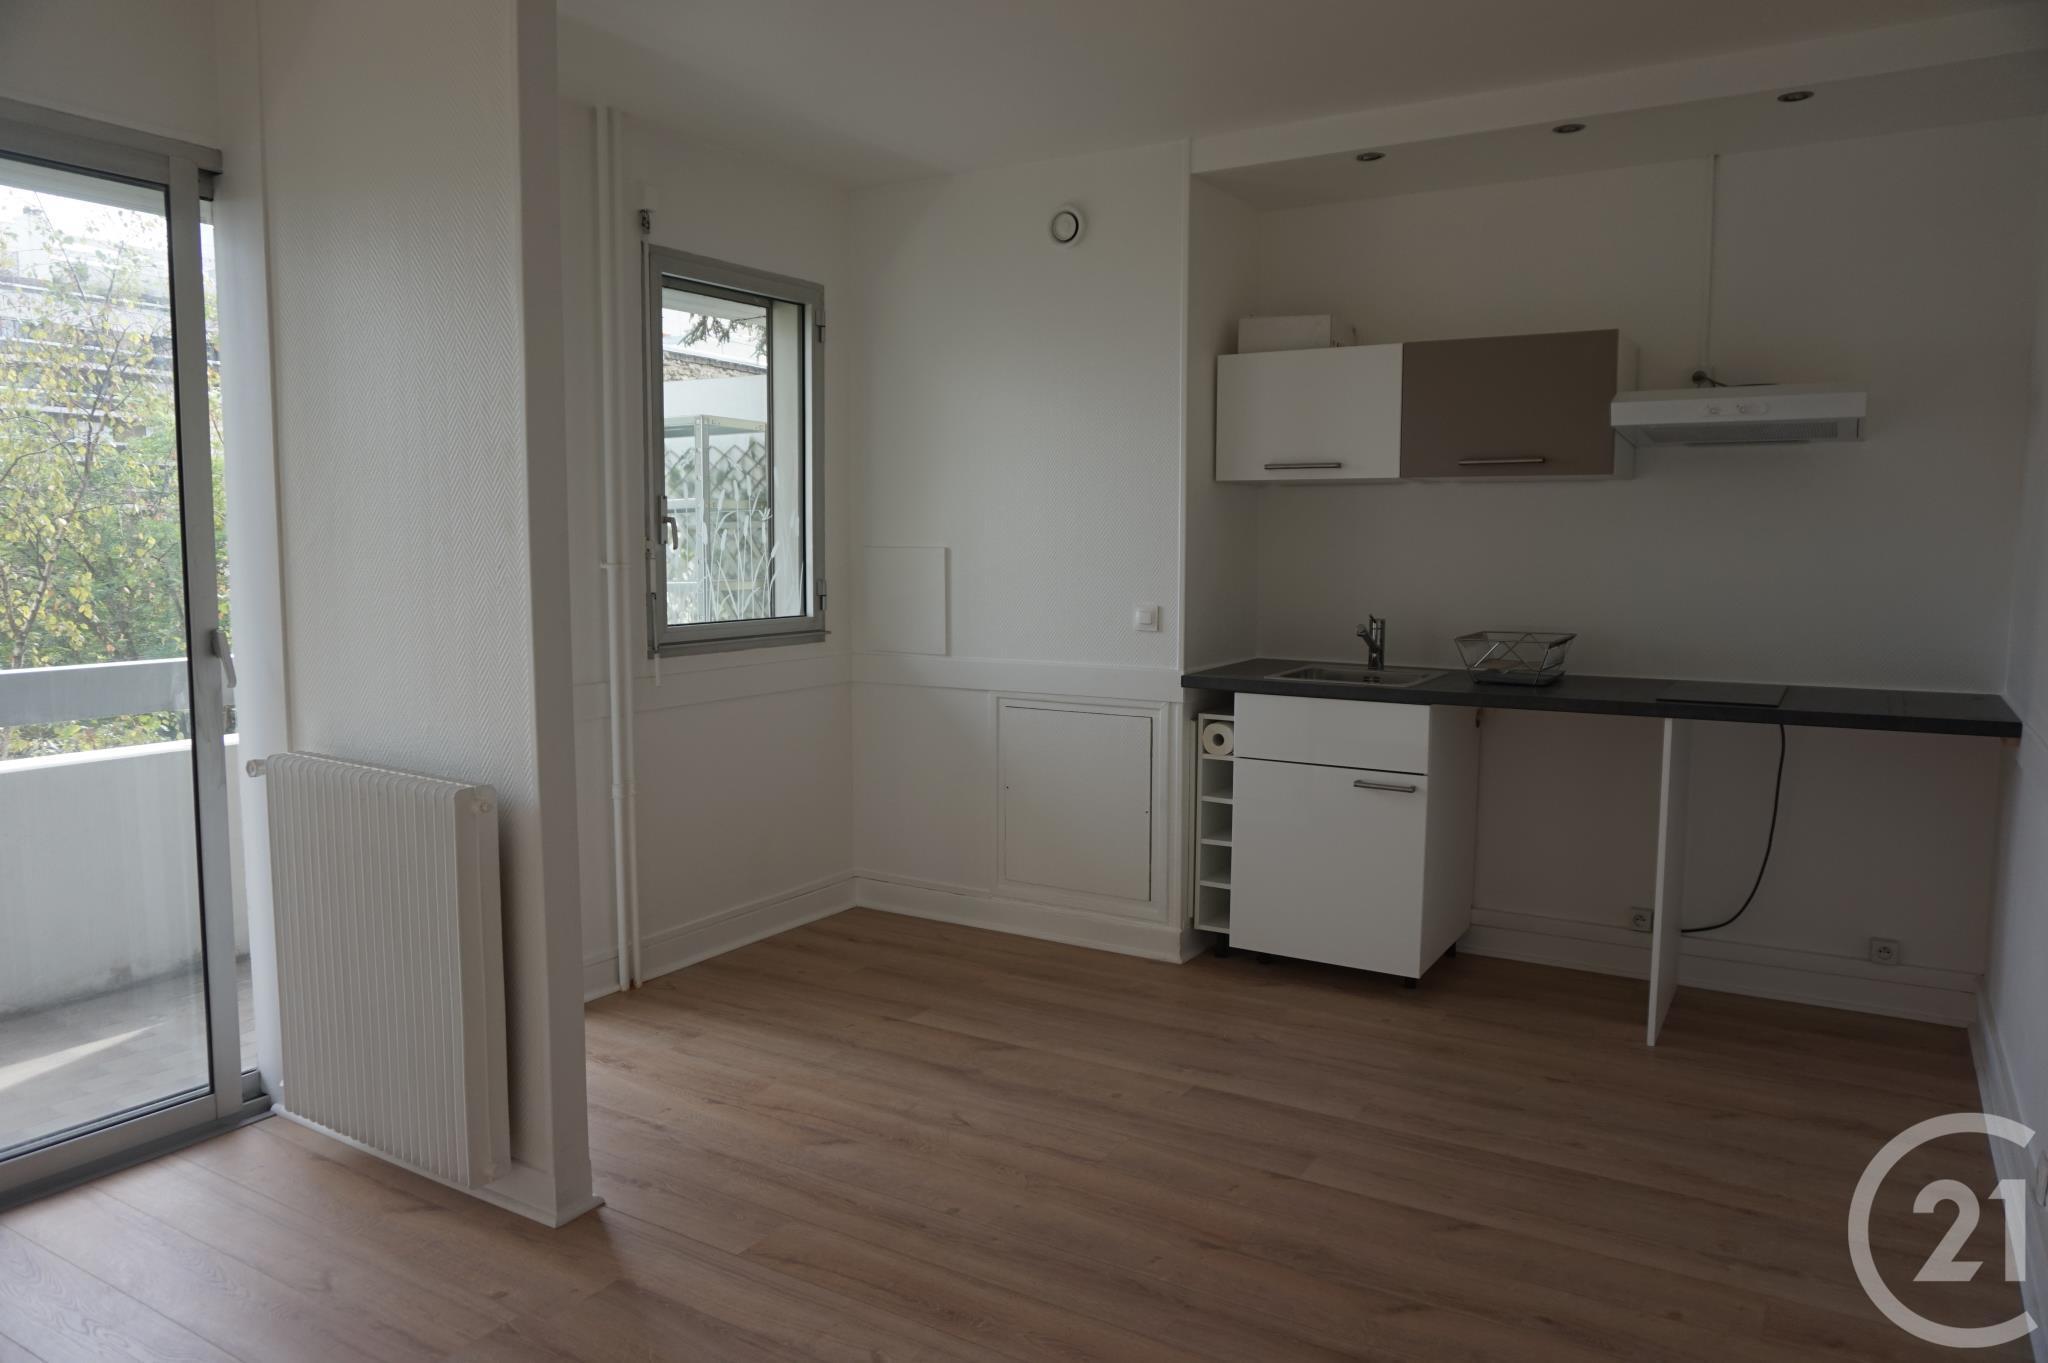 Appartement f2 louer 2 pi ces 42 m2 paris 75015 - Location appartement meuble ile de france ...